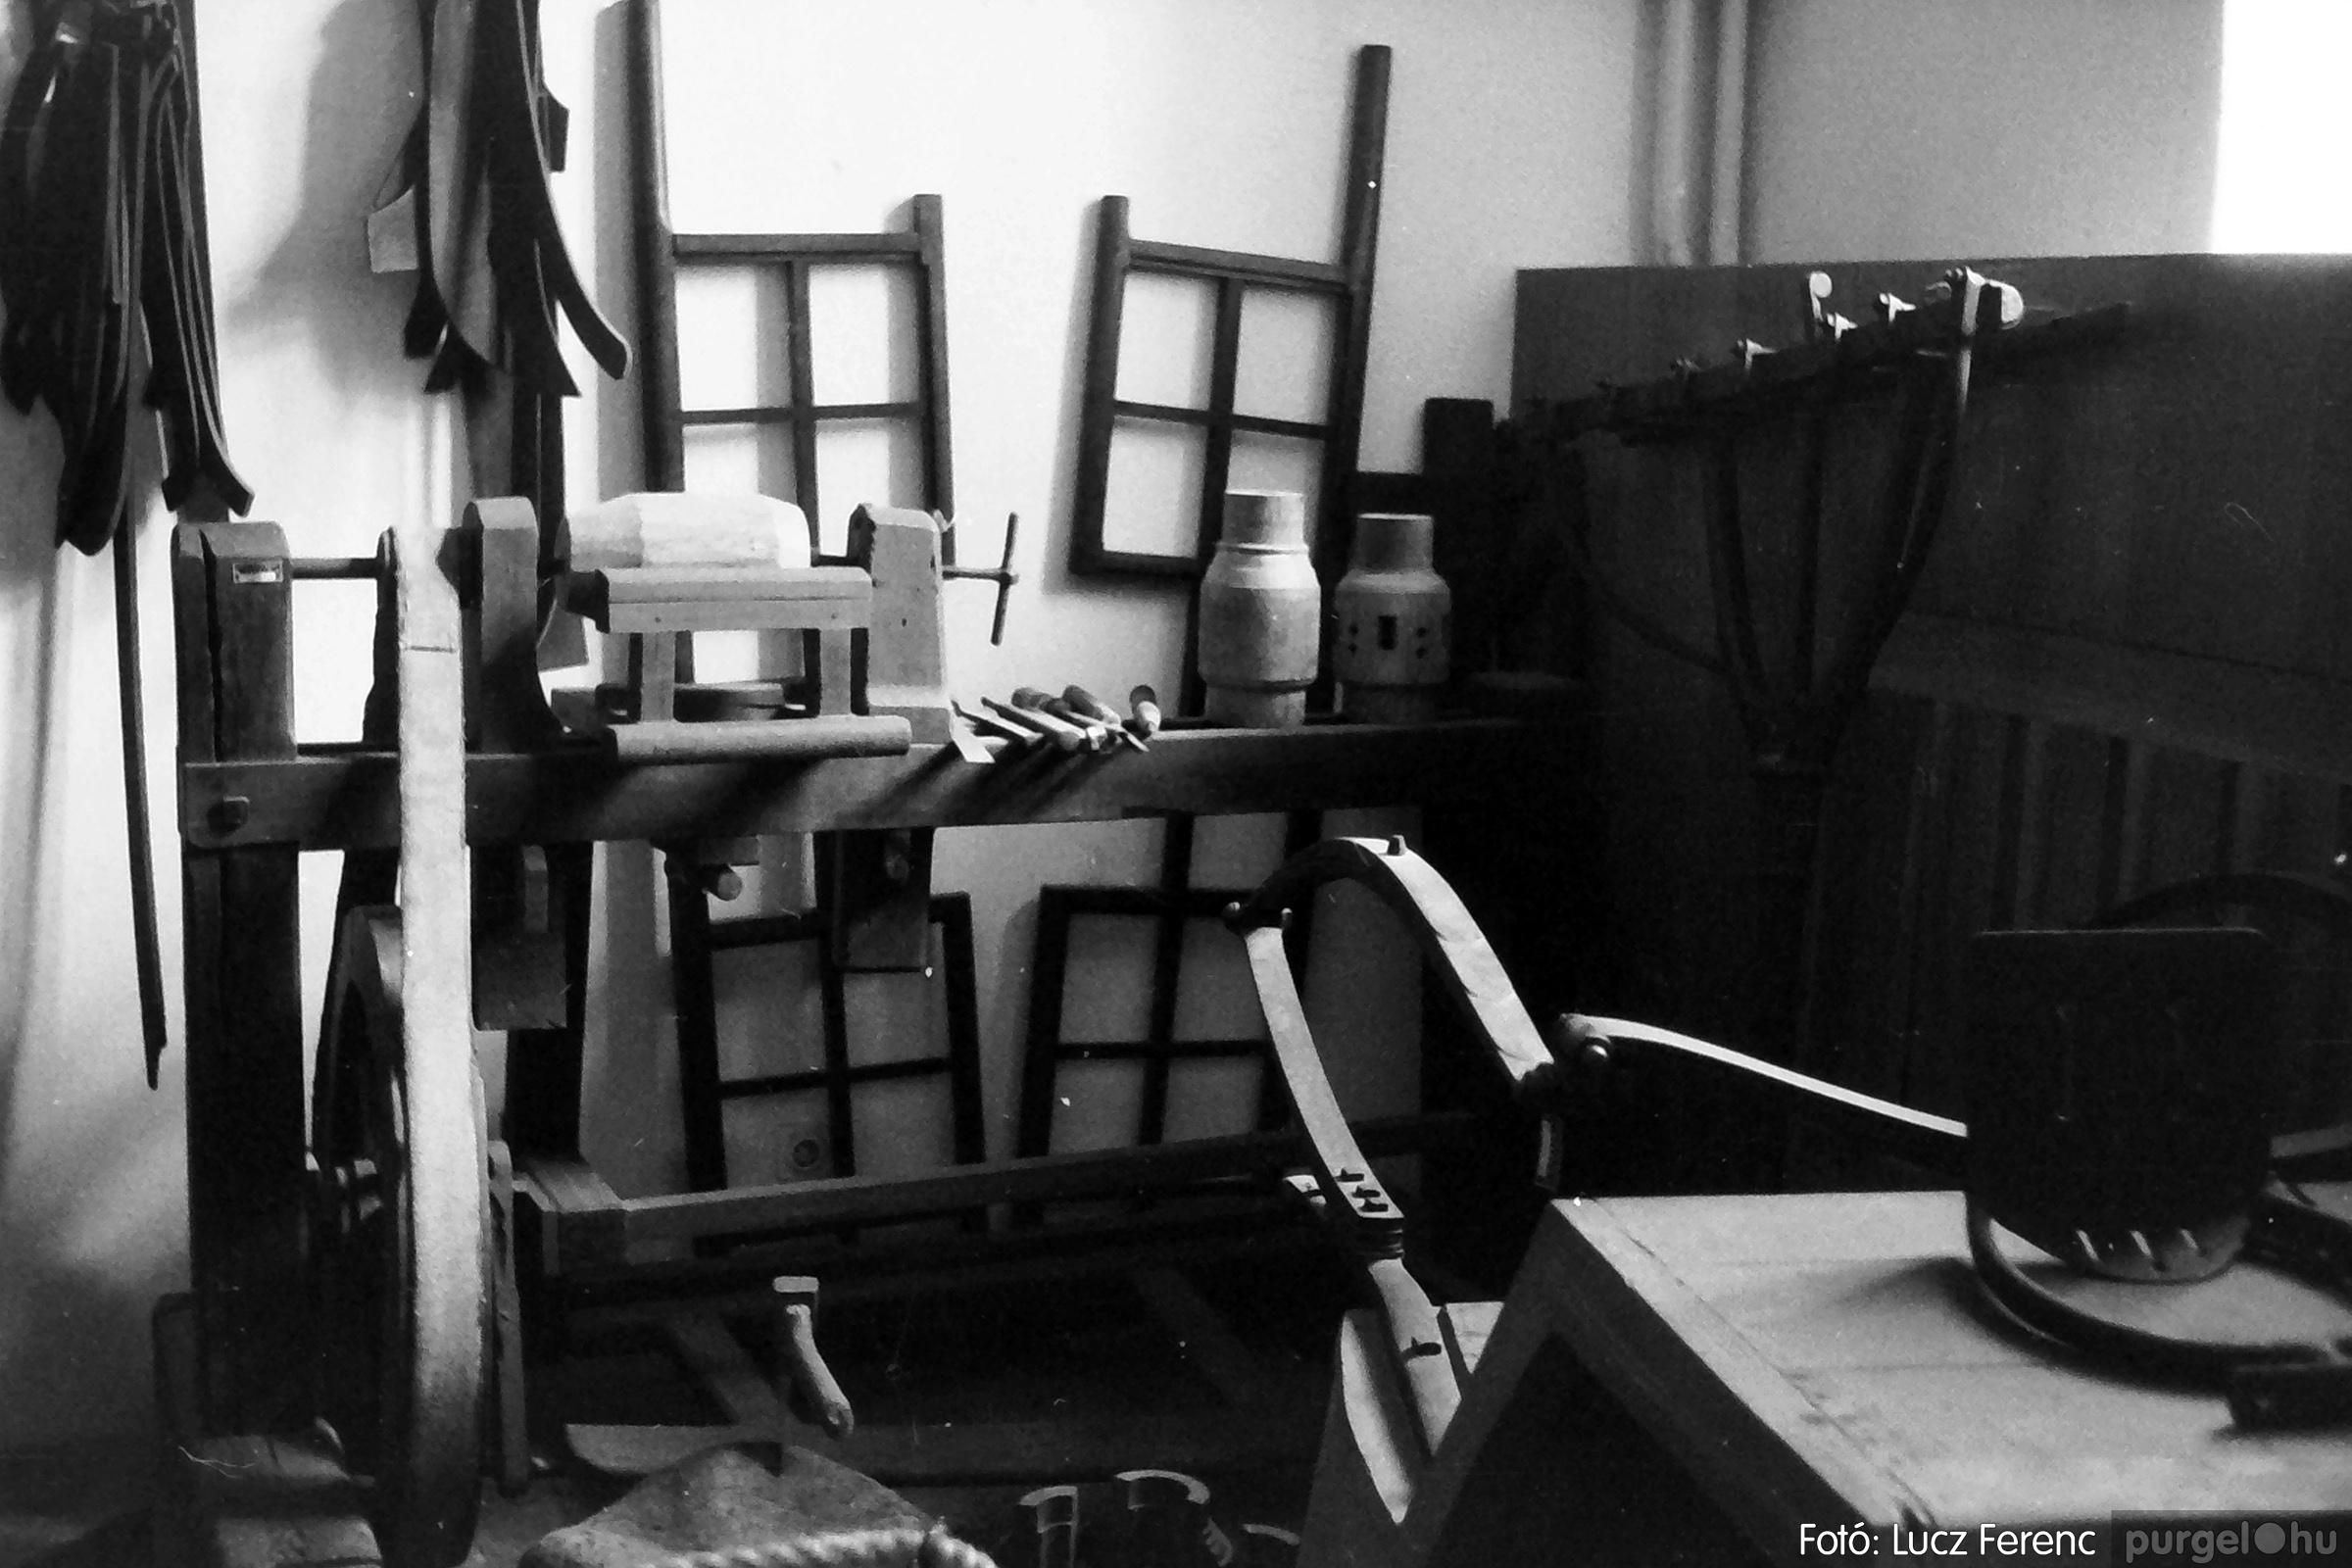 086, 088. 1977. Nyári tábor a Mátrában 036. - Fotó: Lucz Ferenc.jpg